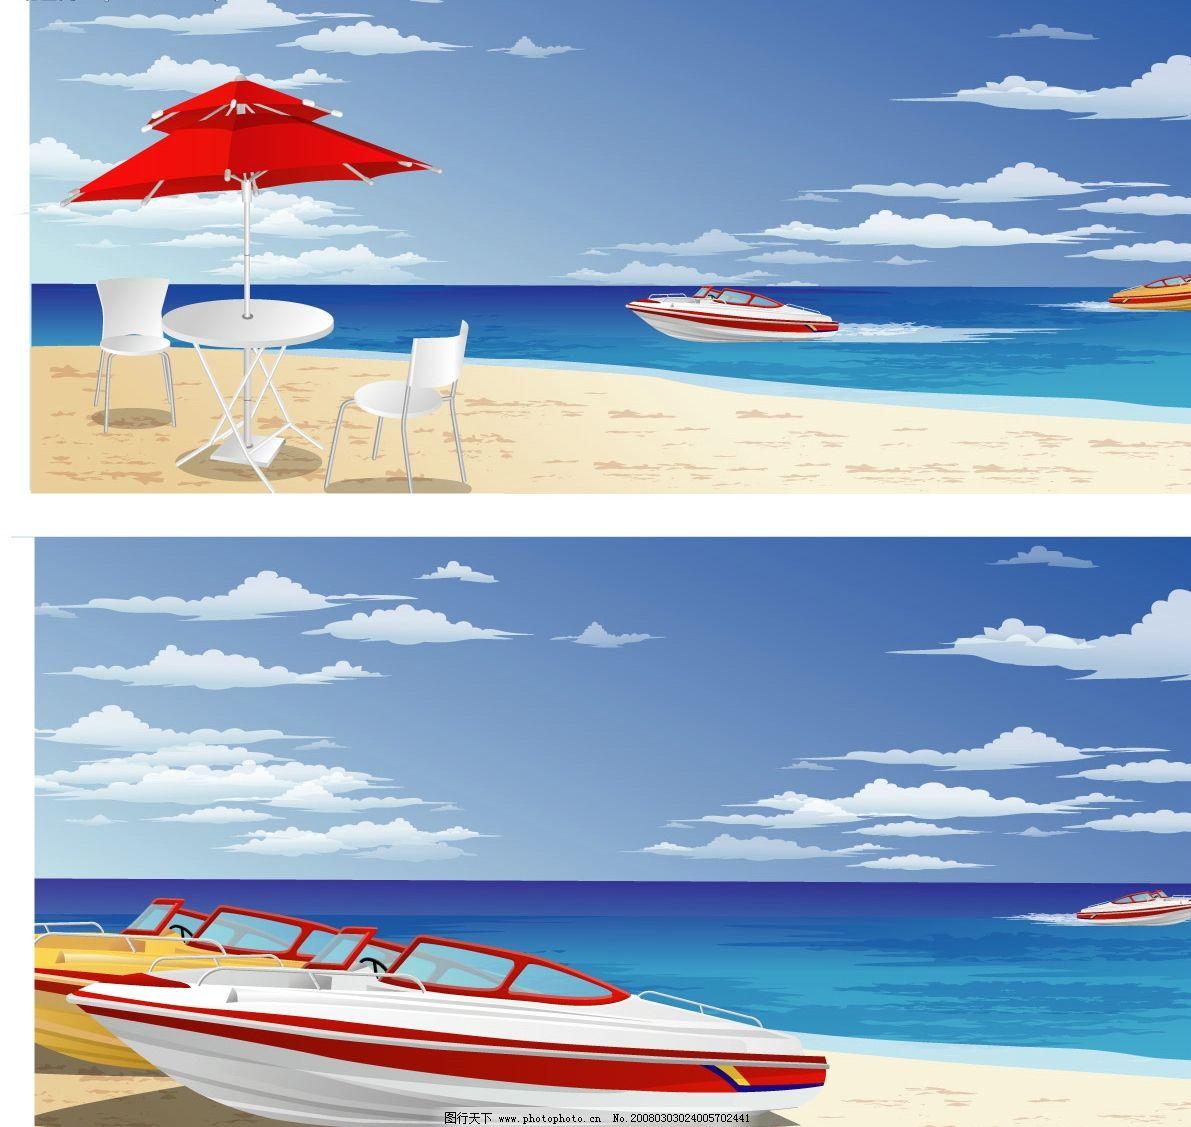 海边,太阳伞,游艇 自然风景 自然风景图 矢量图库